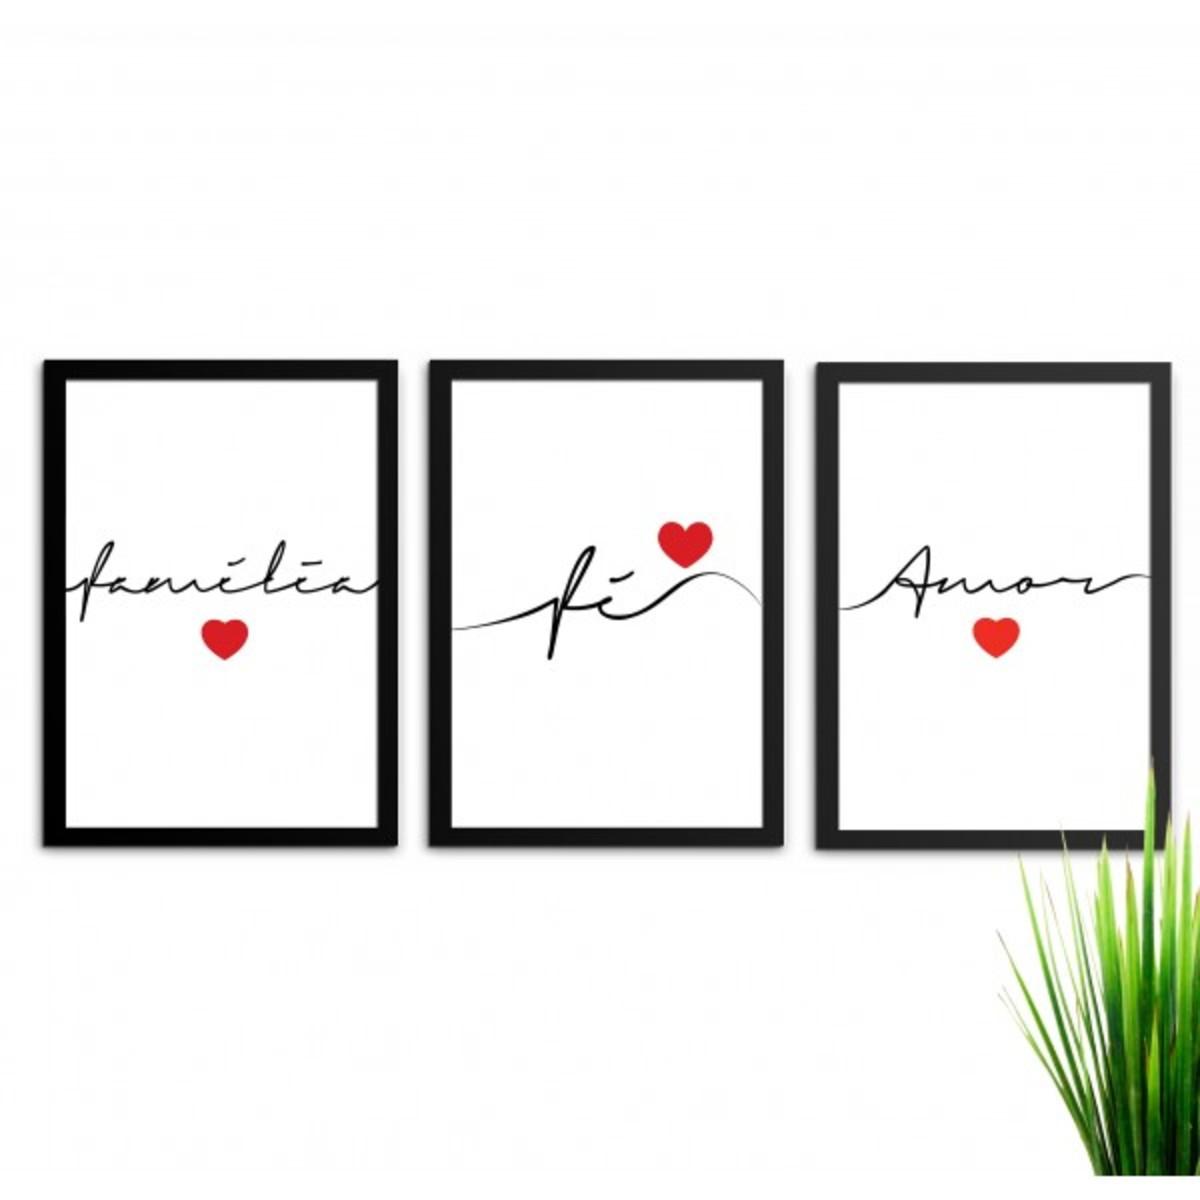 e5af29ea5 Conjunto 3 Quadros Decorativos Fé Amor Família Com Vidro A4 no Elo7 ...